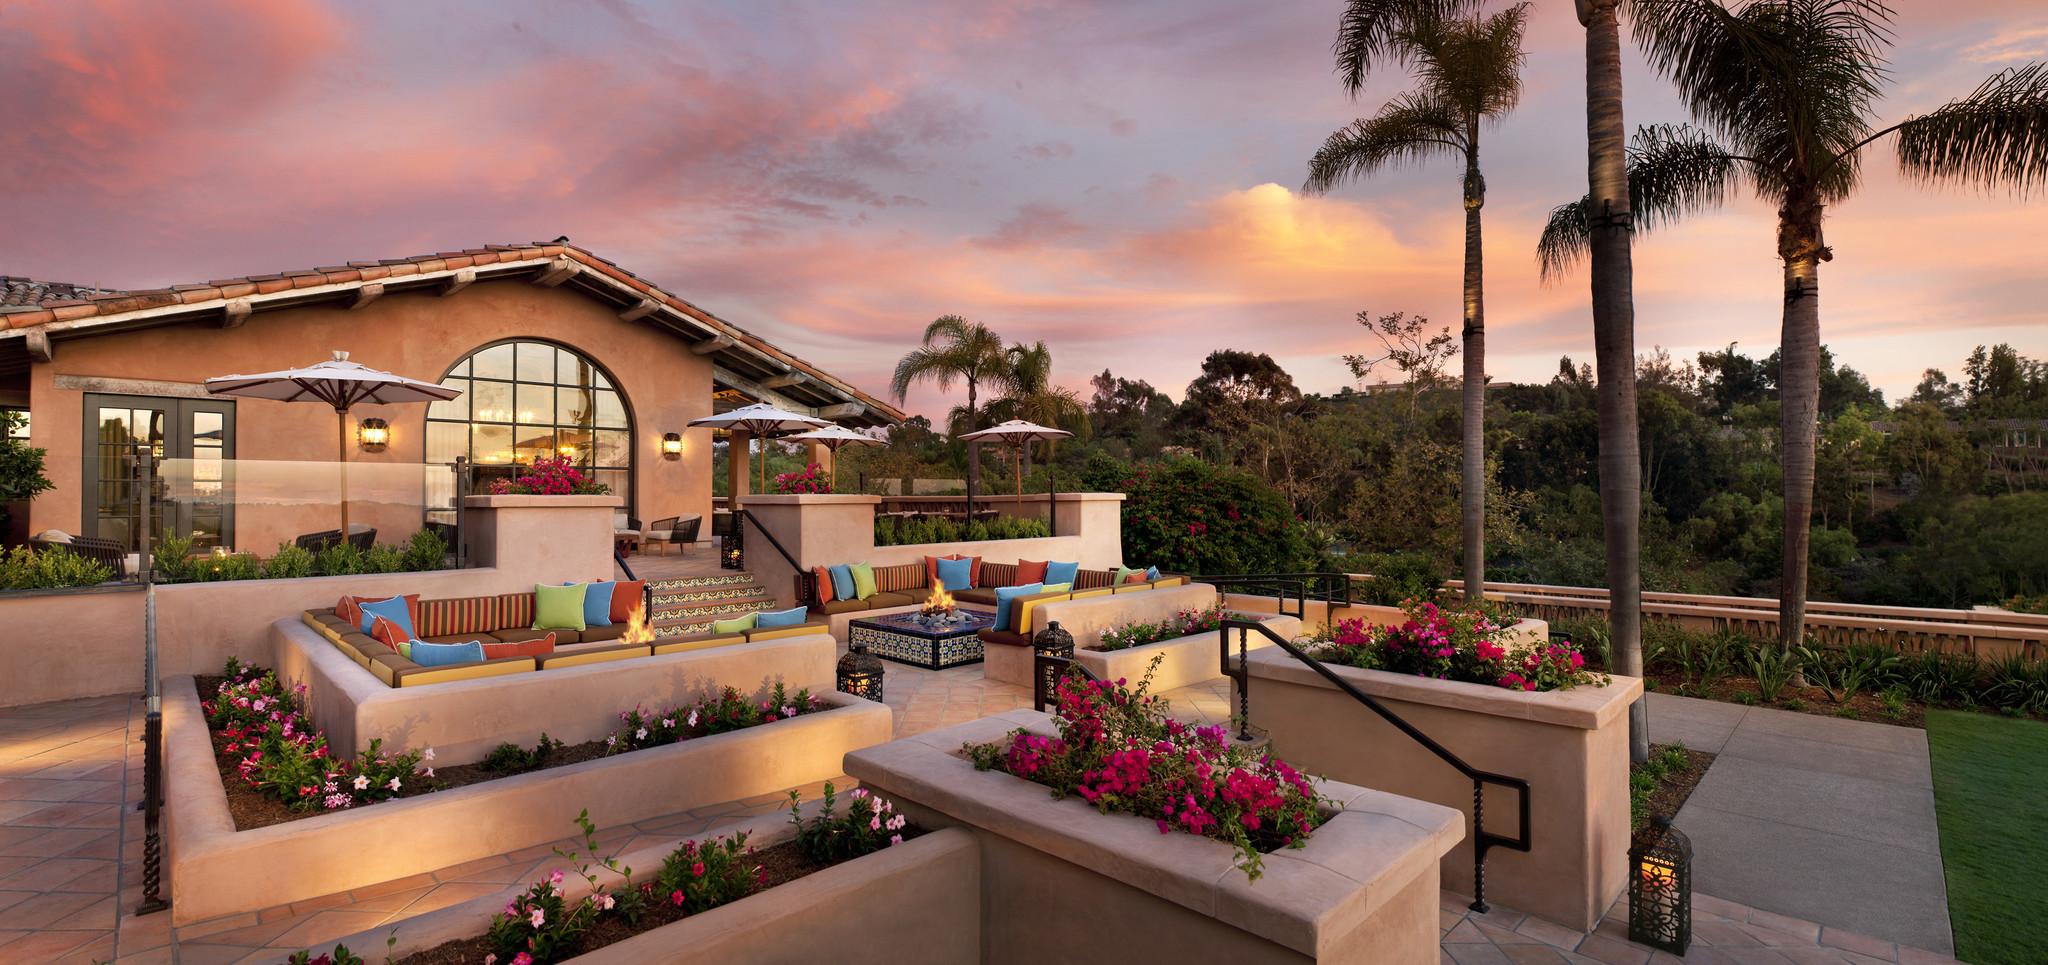 California: El Encanto, Rancho Valencia Resort join Forbes 5-star ...